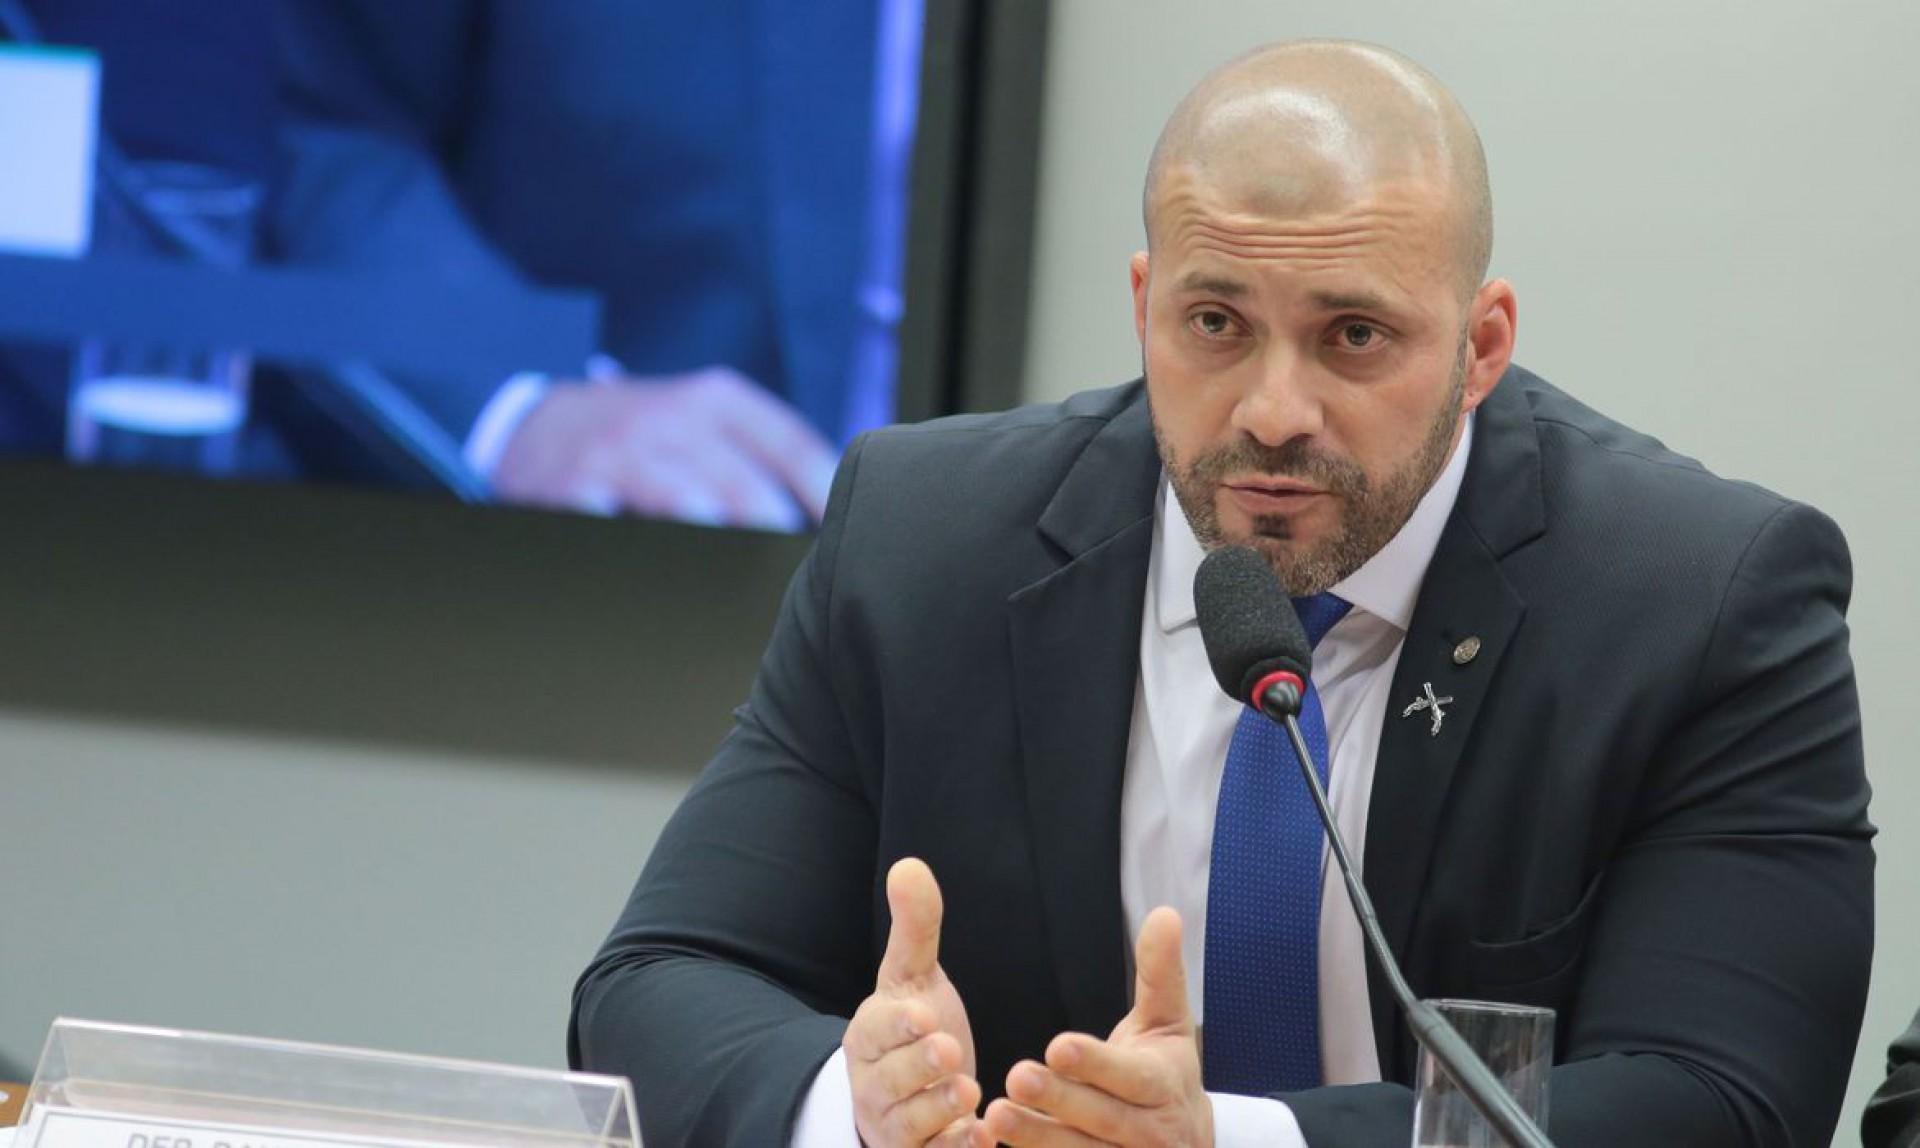 Relator pede suspensão do mandato de Daniel Silveira por seis meses (Foto: Plínio Xavier/Câmara dos Deputados)